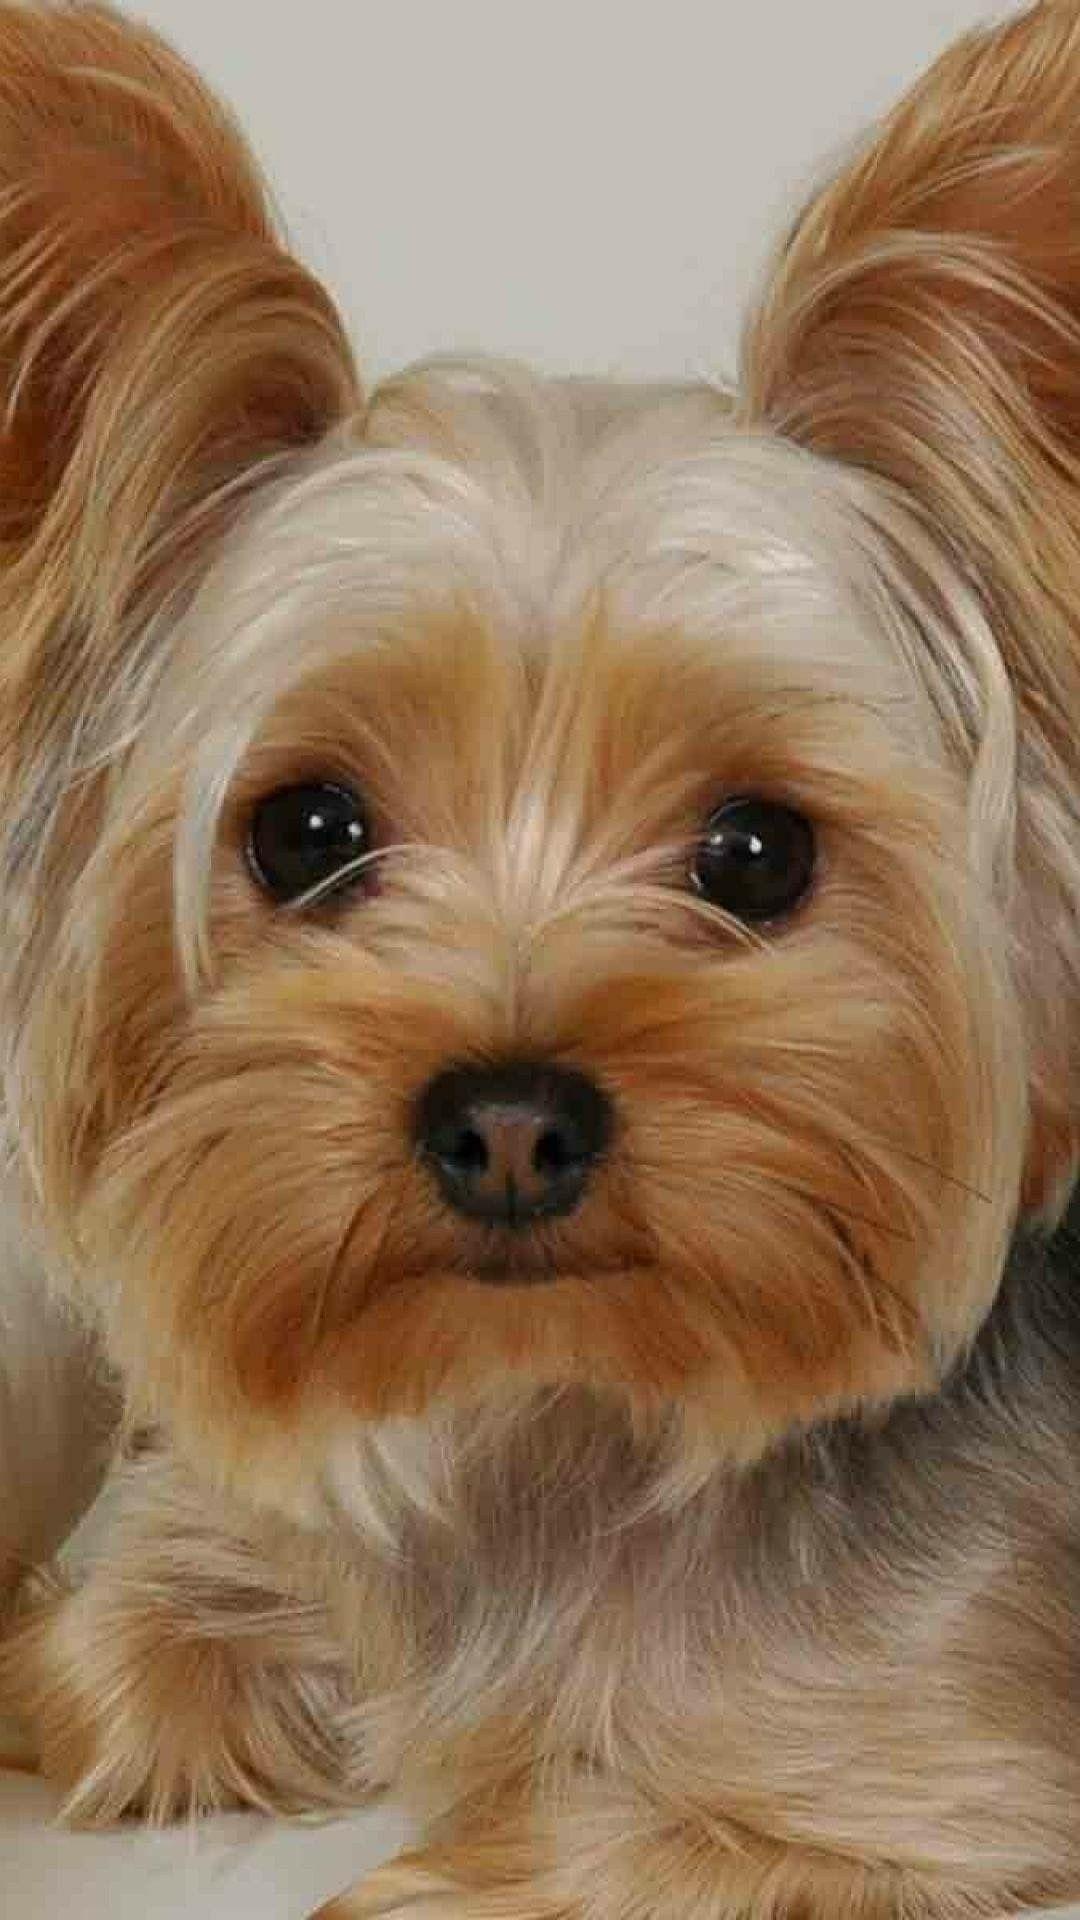 Süße Kleine Hunde Bilder Für Whatsapp - Süße Kleine Hunde Bilder Für Whatsapp